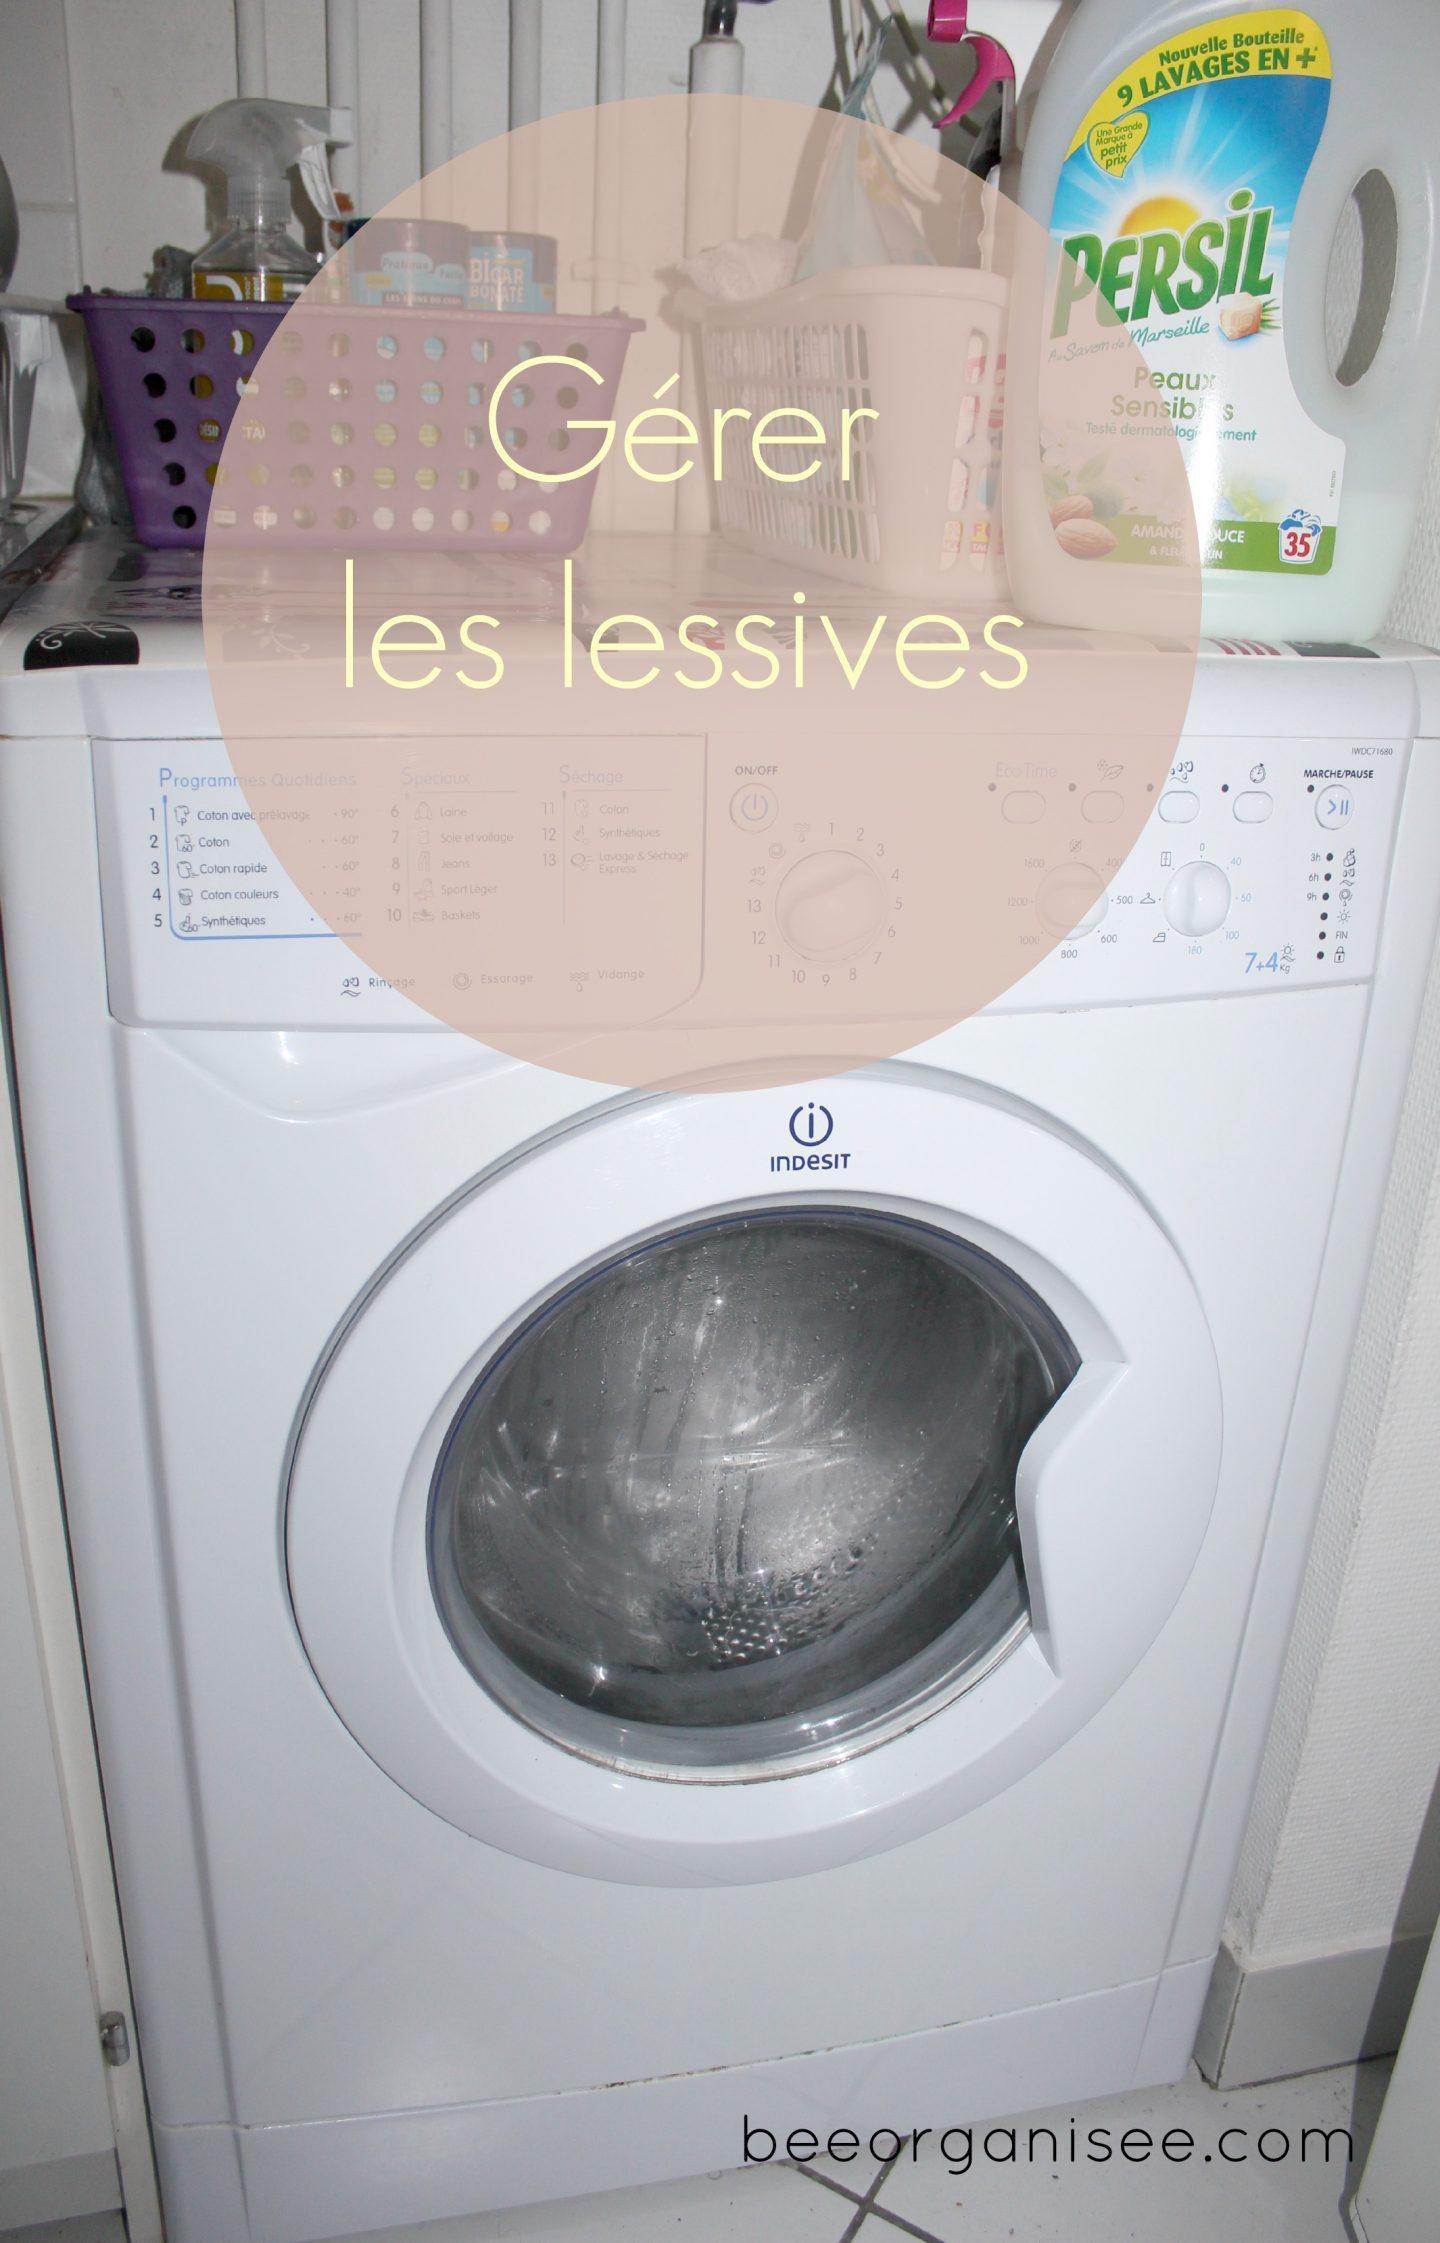 4 méthodes pour gérer les lessives